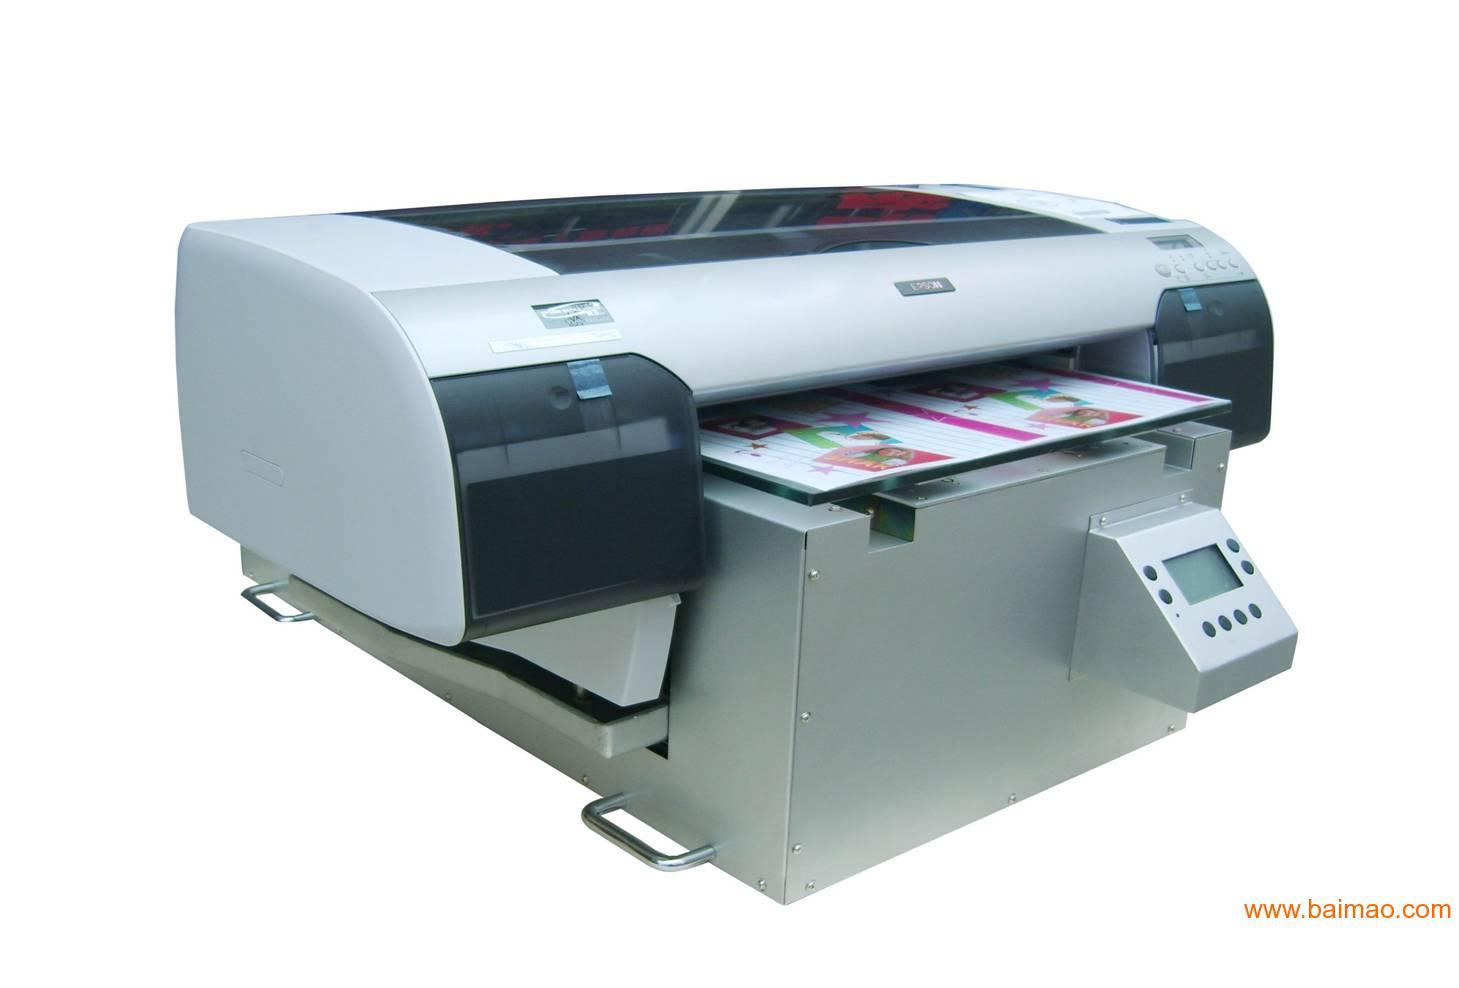 U盘喷绘机,喷绘机,效率高平板印刷机